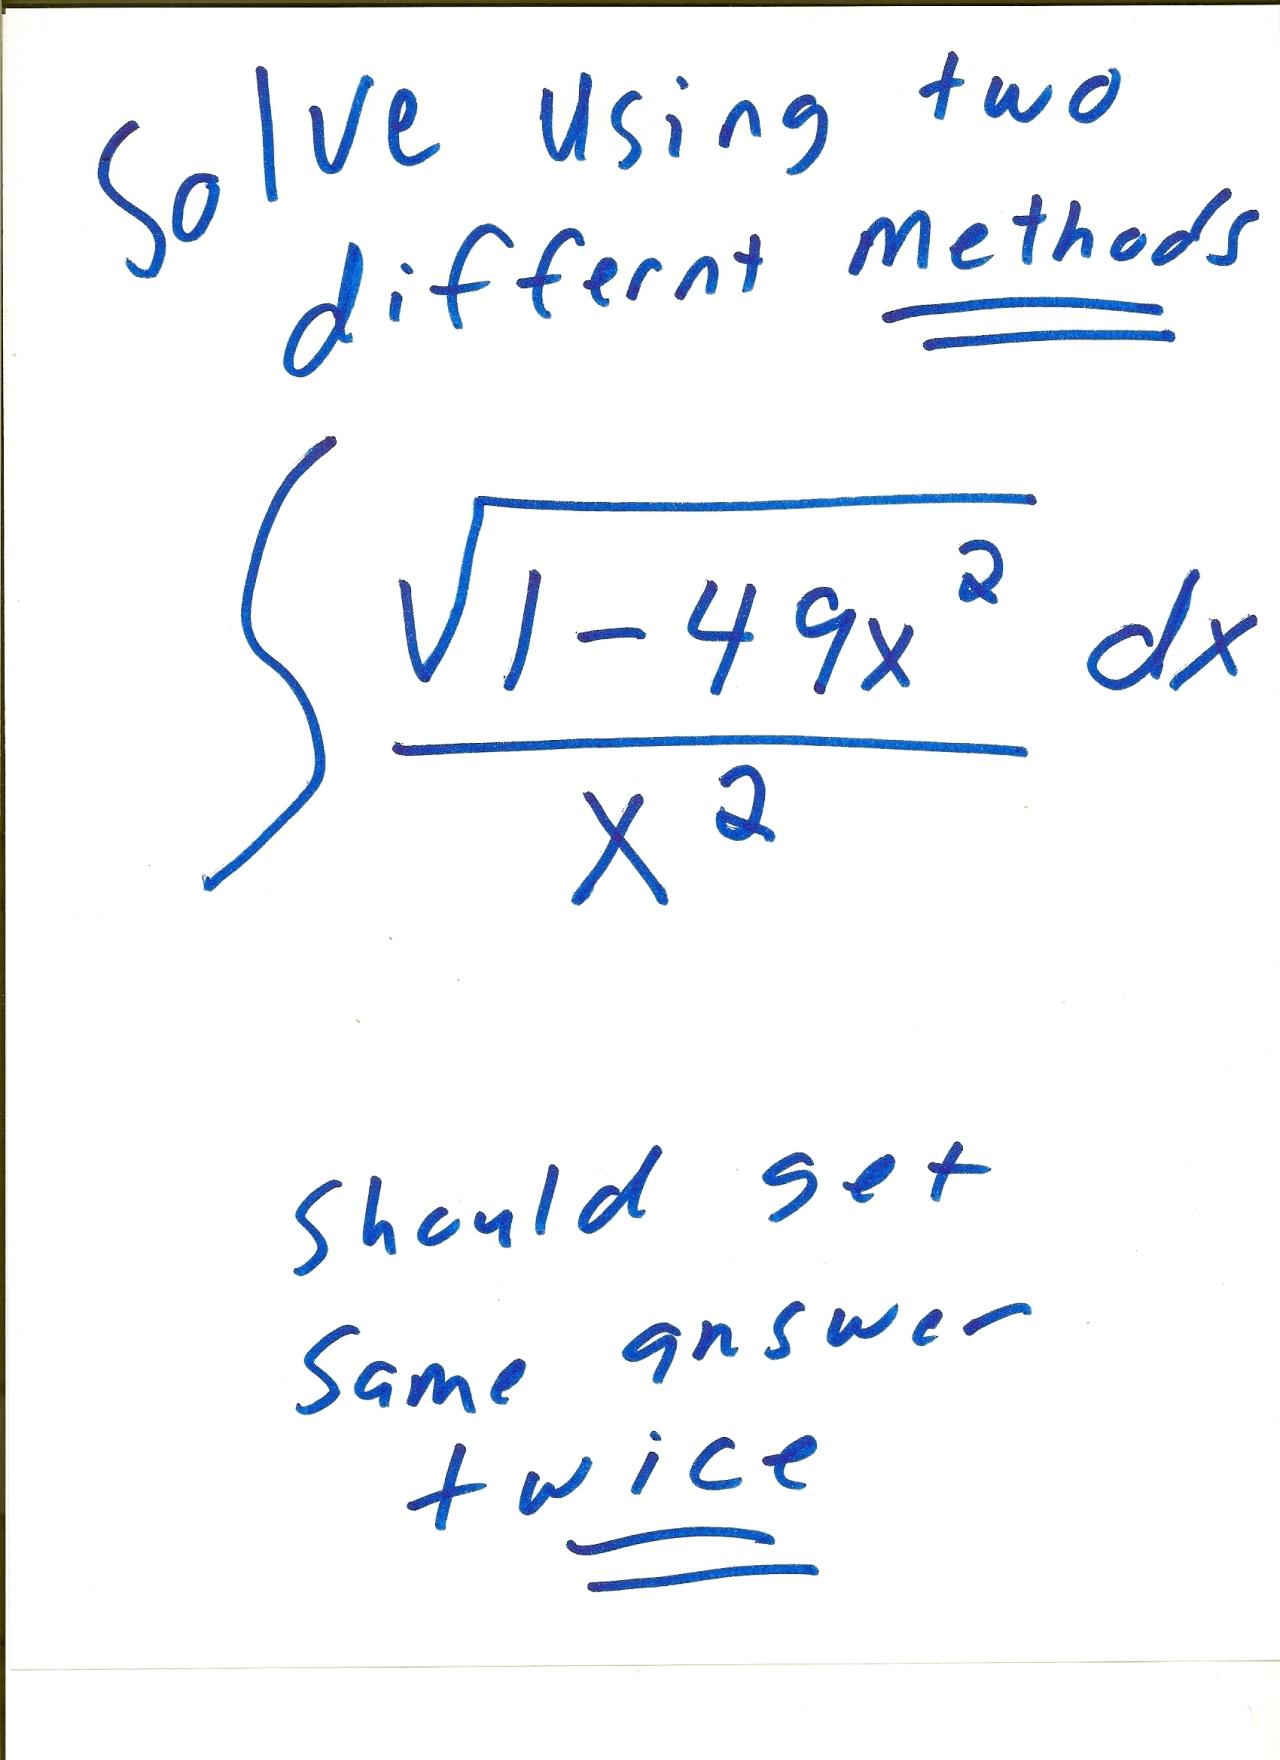 CalculusQ